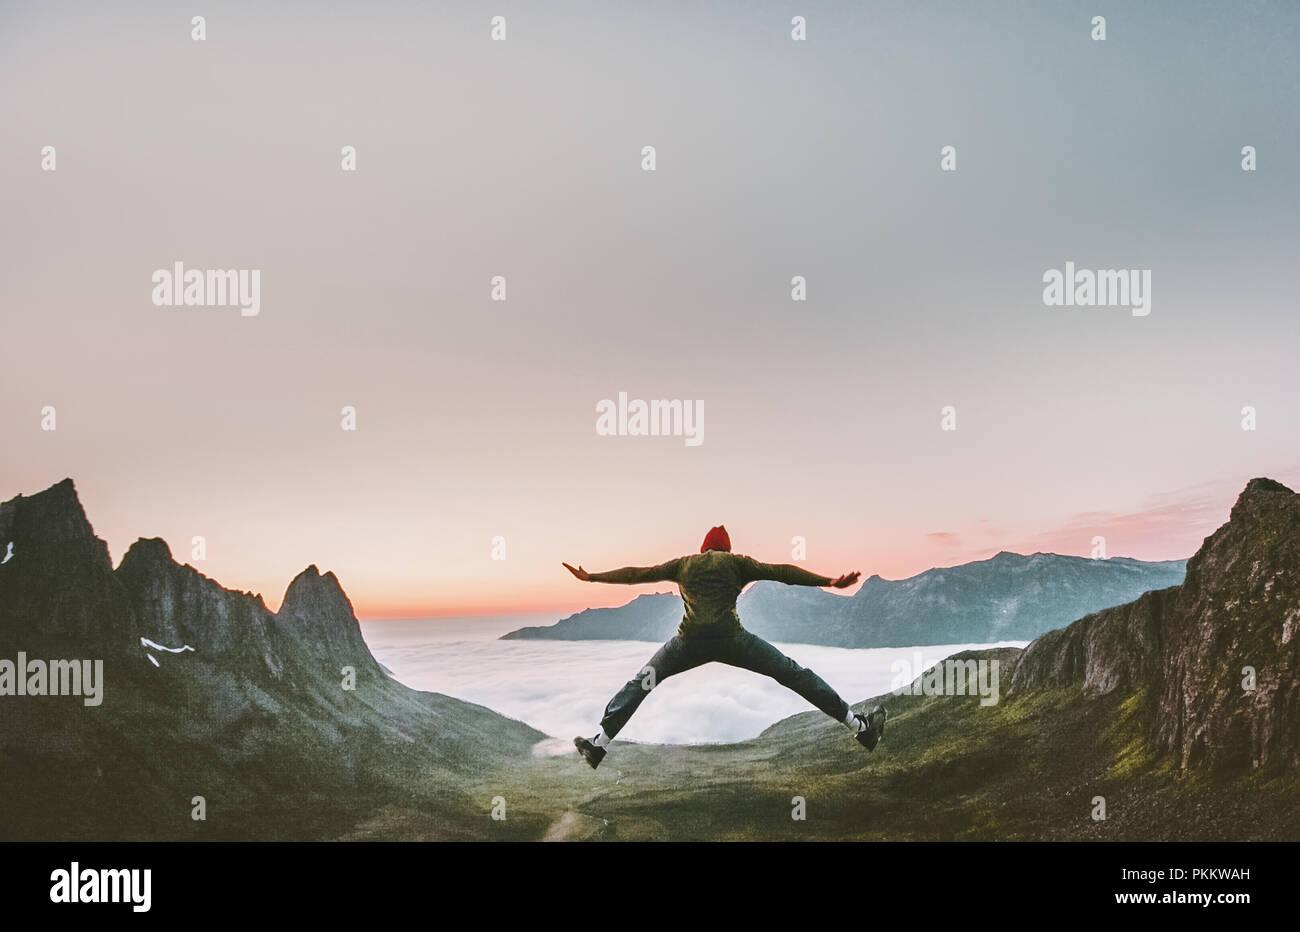 Homme heureux sautant dans les montagnes de plein air vacances Vie Voyage adventure concept active succès motivation et émotions euphorie fun Photo Stock